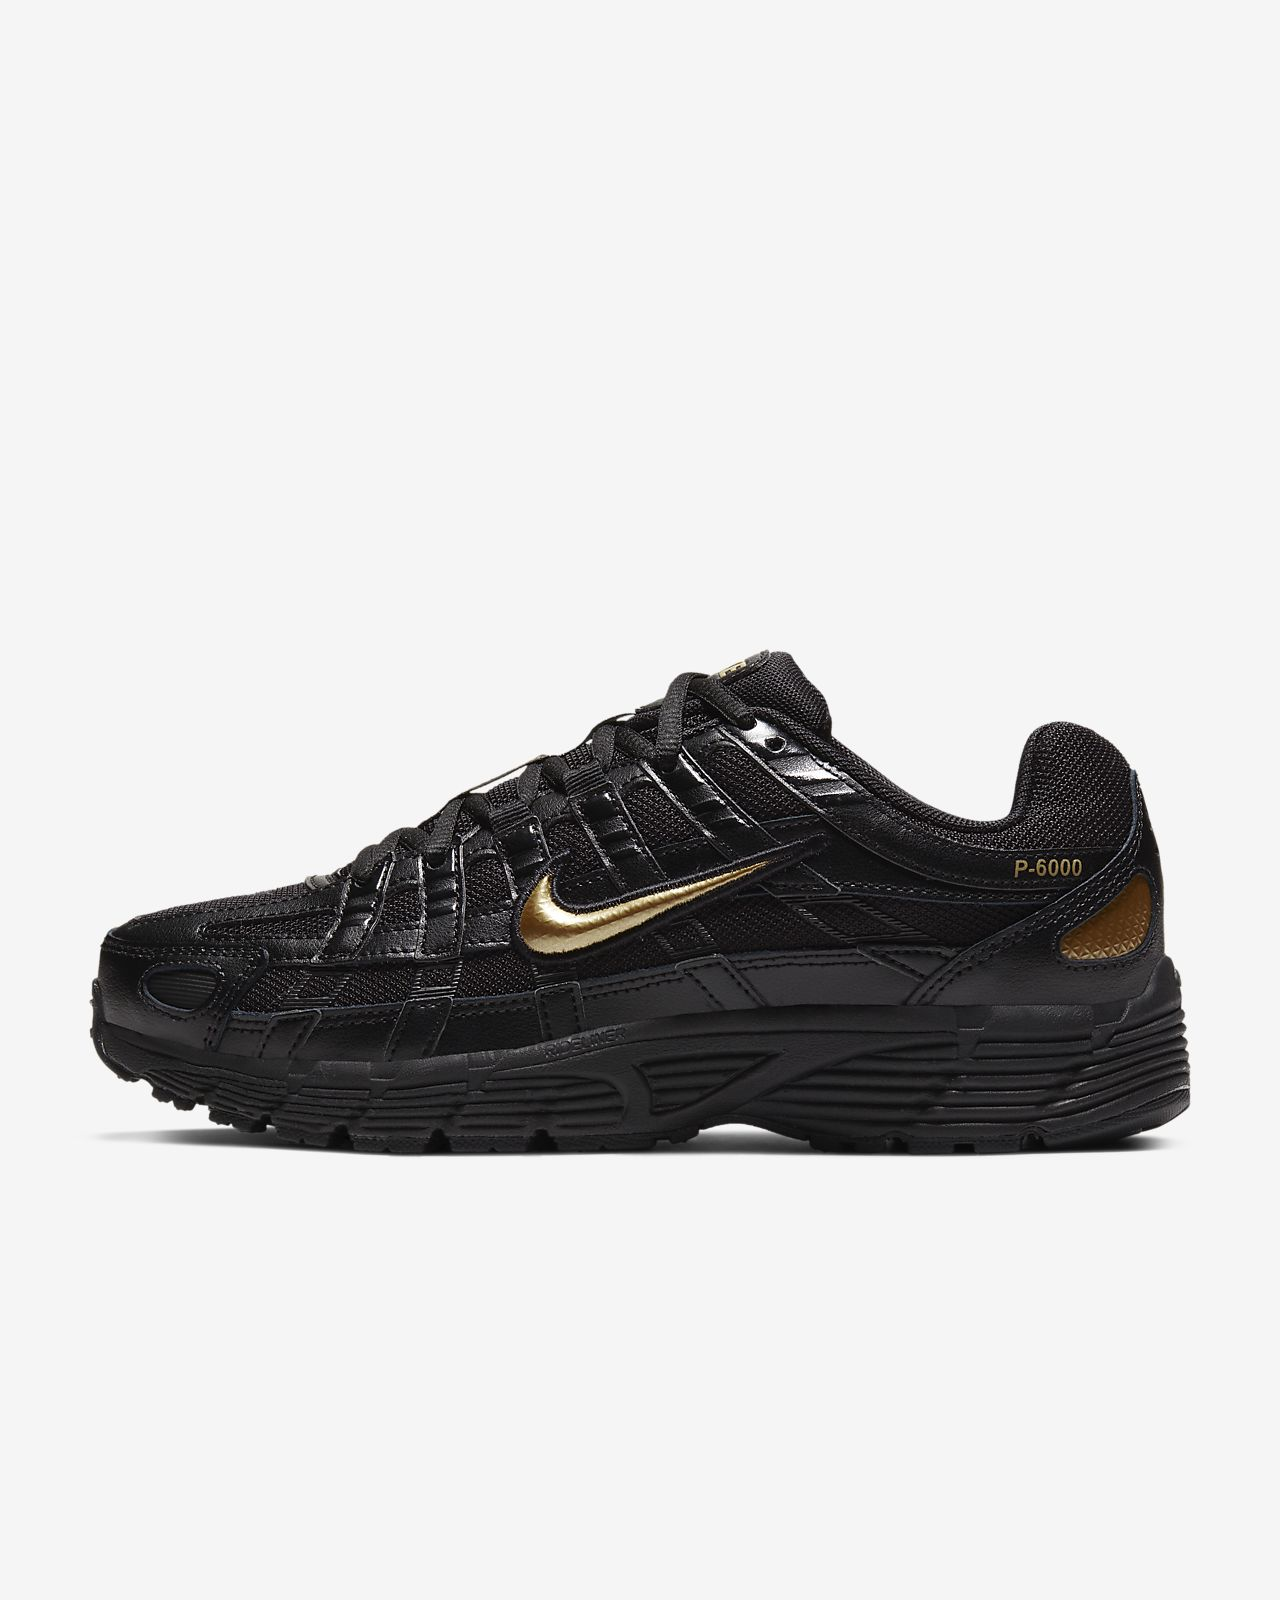 Sapatilhas Nike P 6000 Essential para mulher